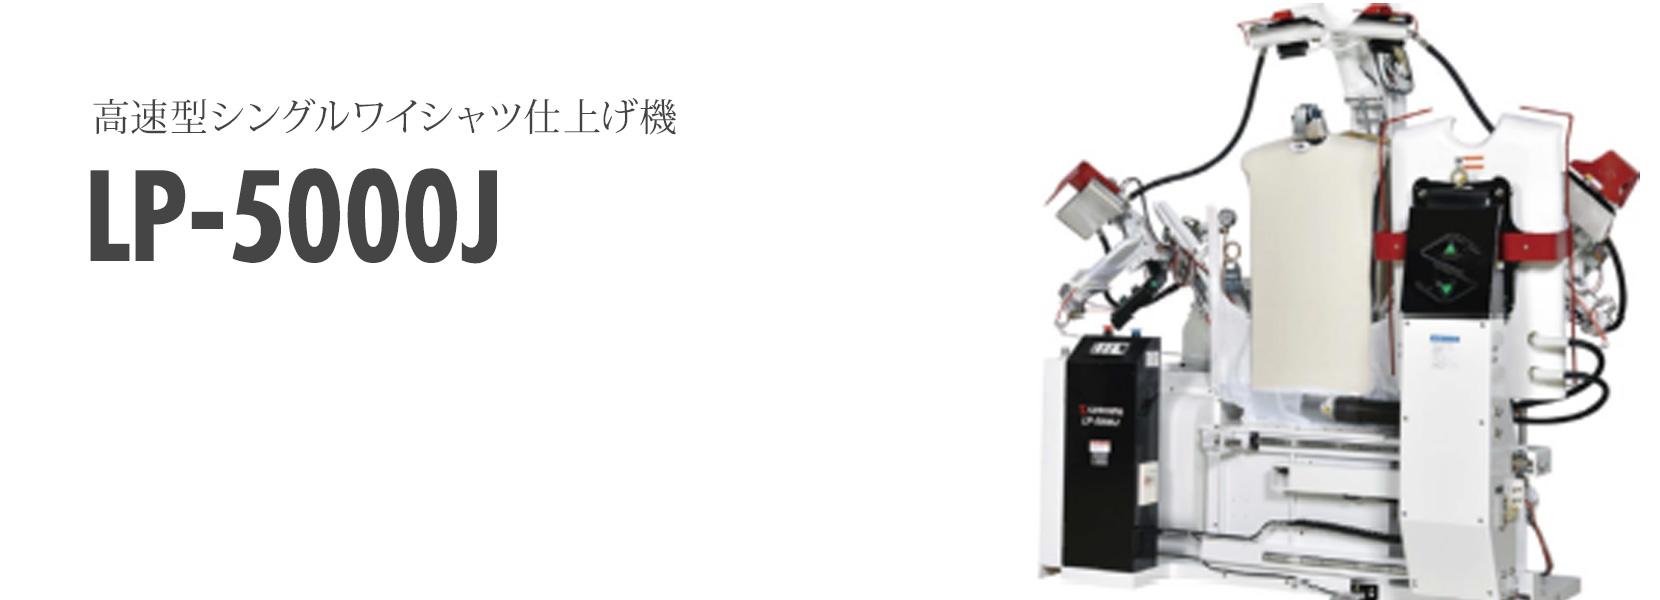 ワイシャツ仕上げ機 LP-5000J LP5000J 三幸社